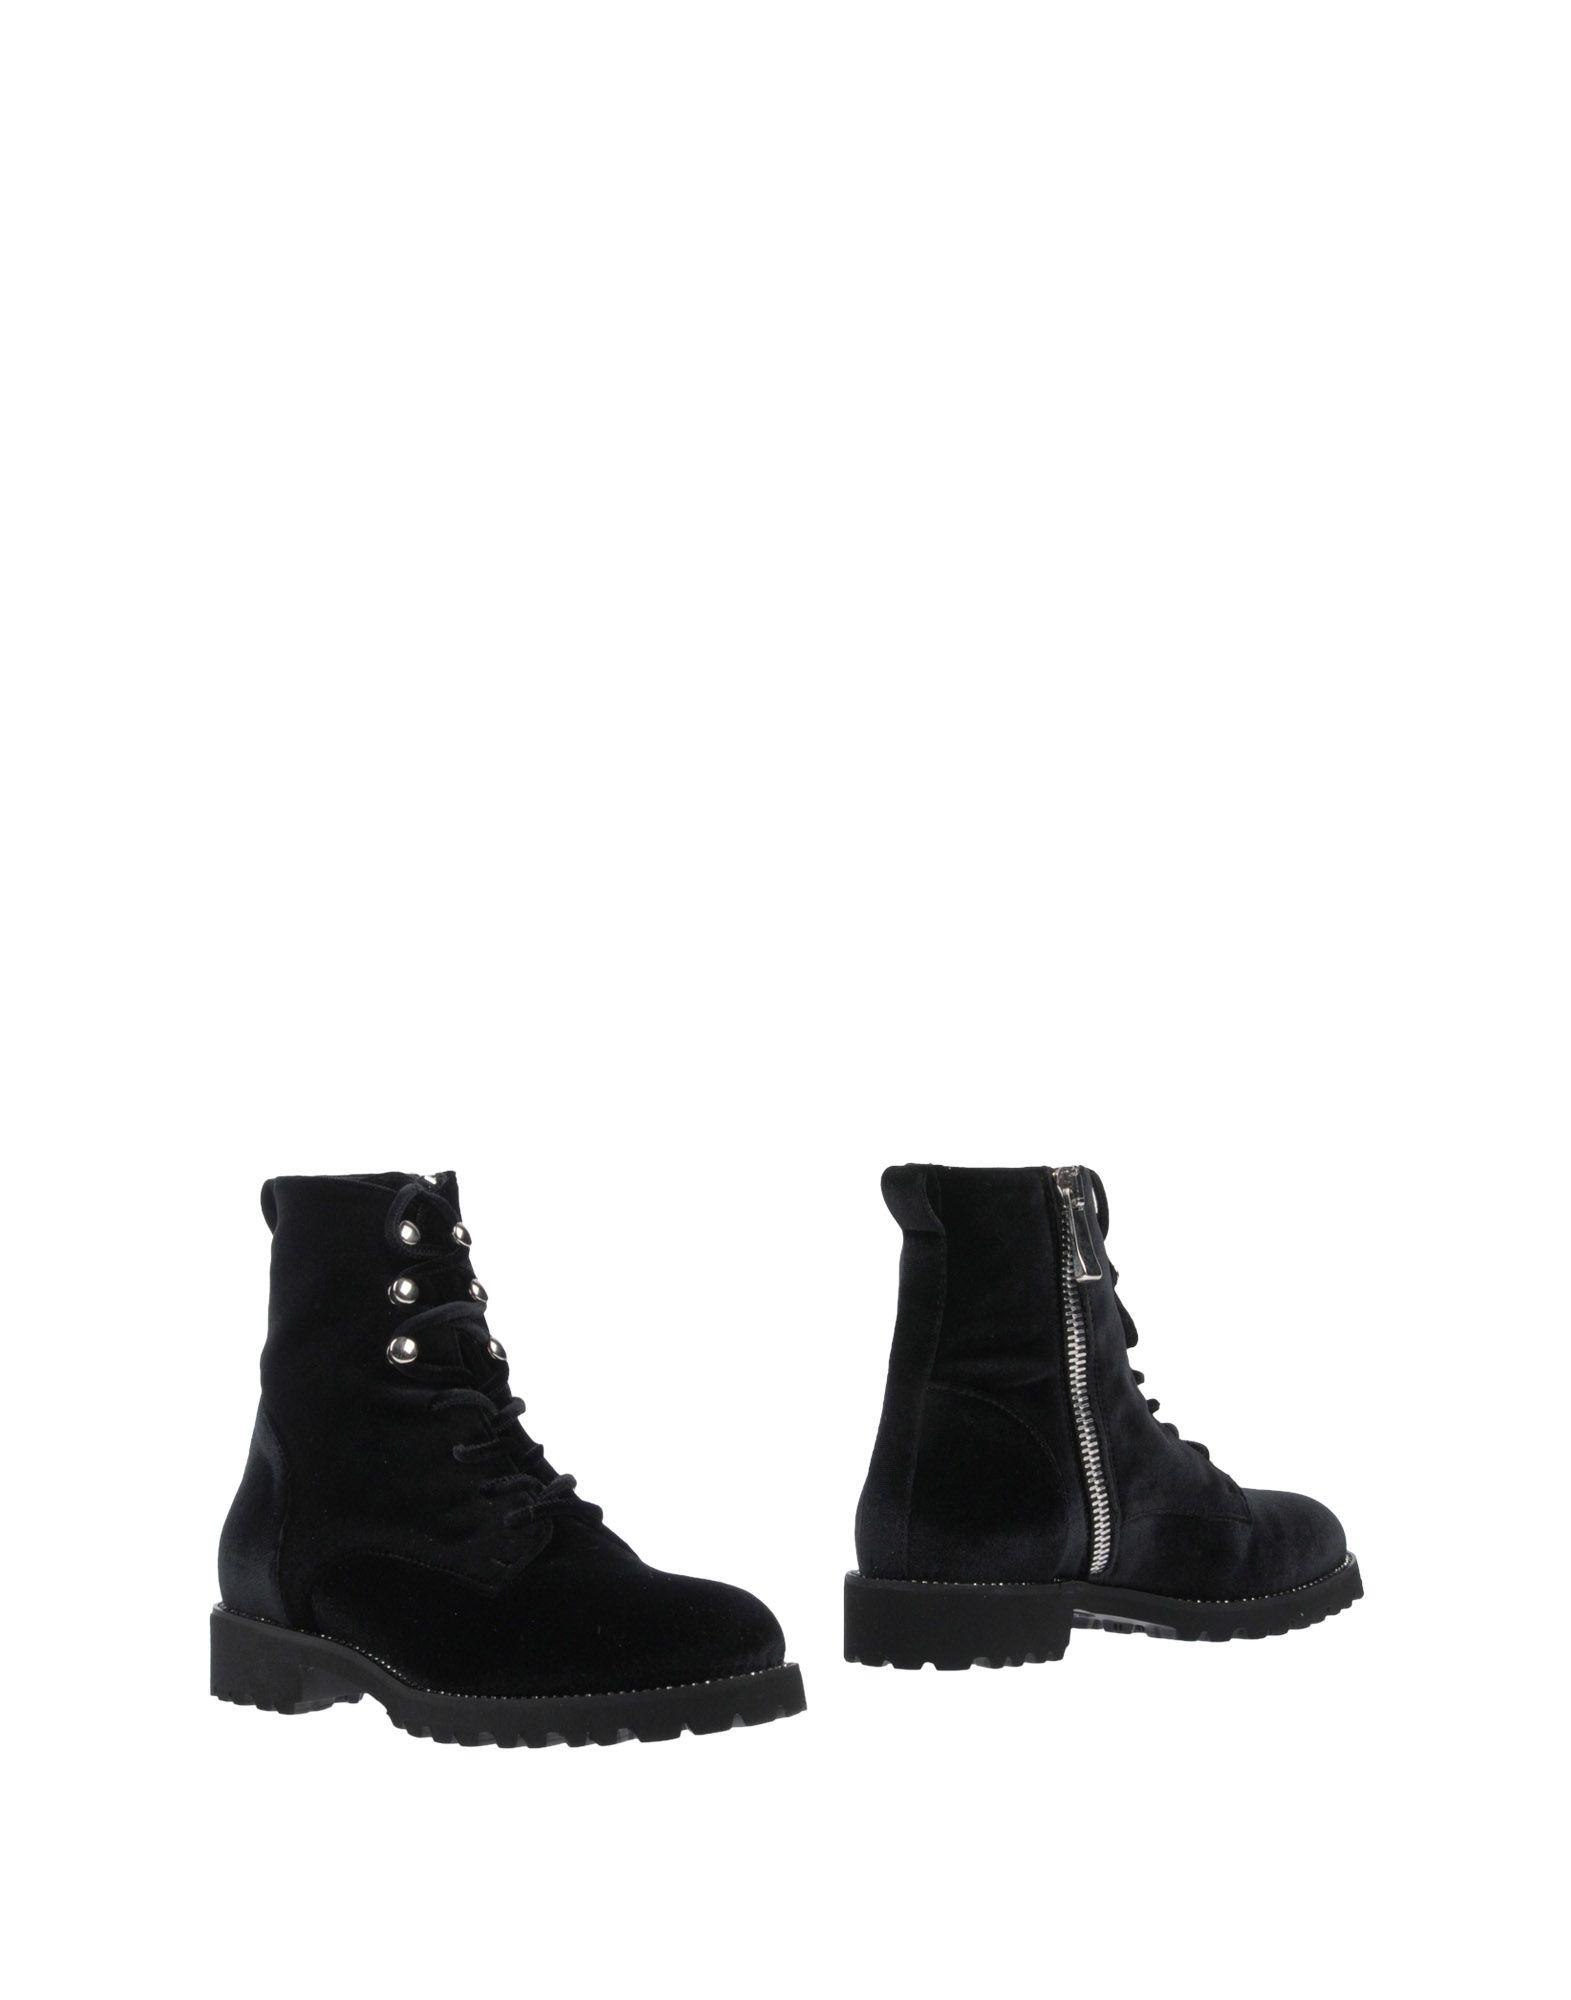 Stilvolle billige Schuhe 18  Kt Stiefelette Damen  18 11455075DO cc9b91